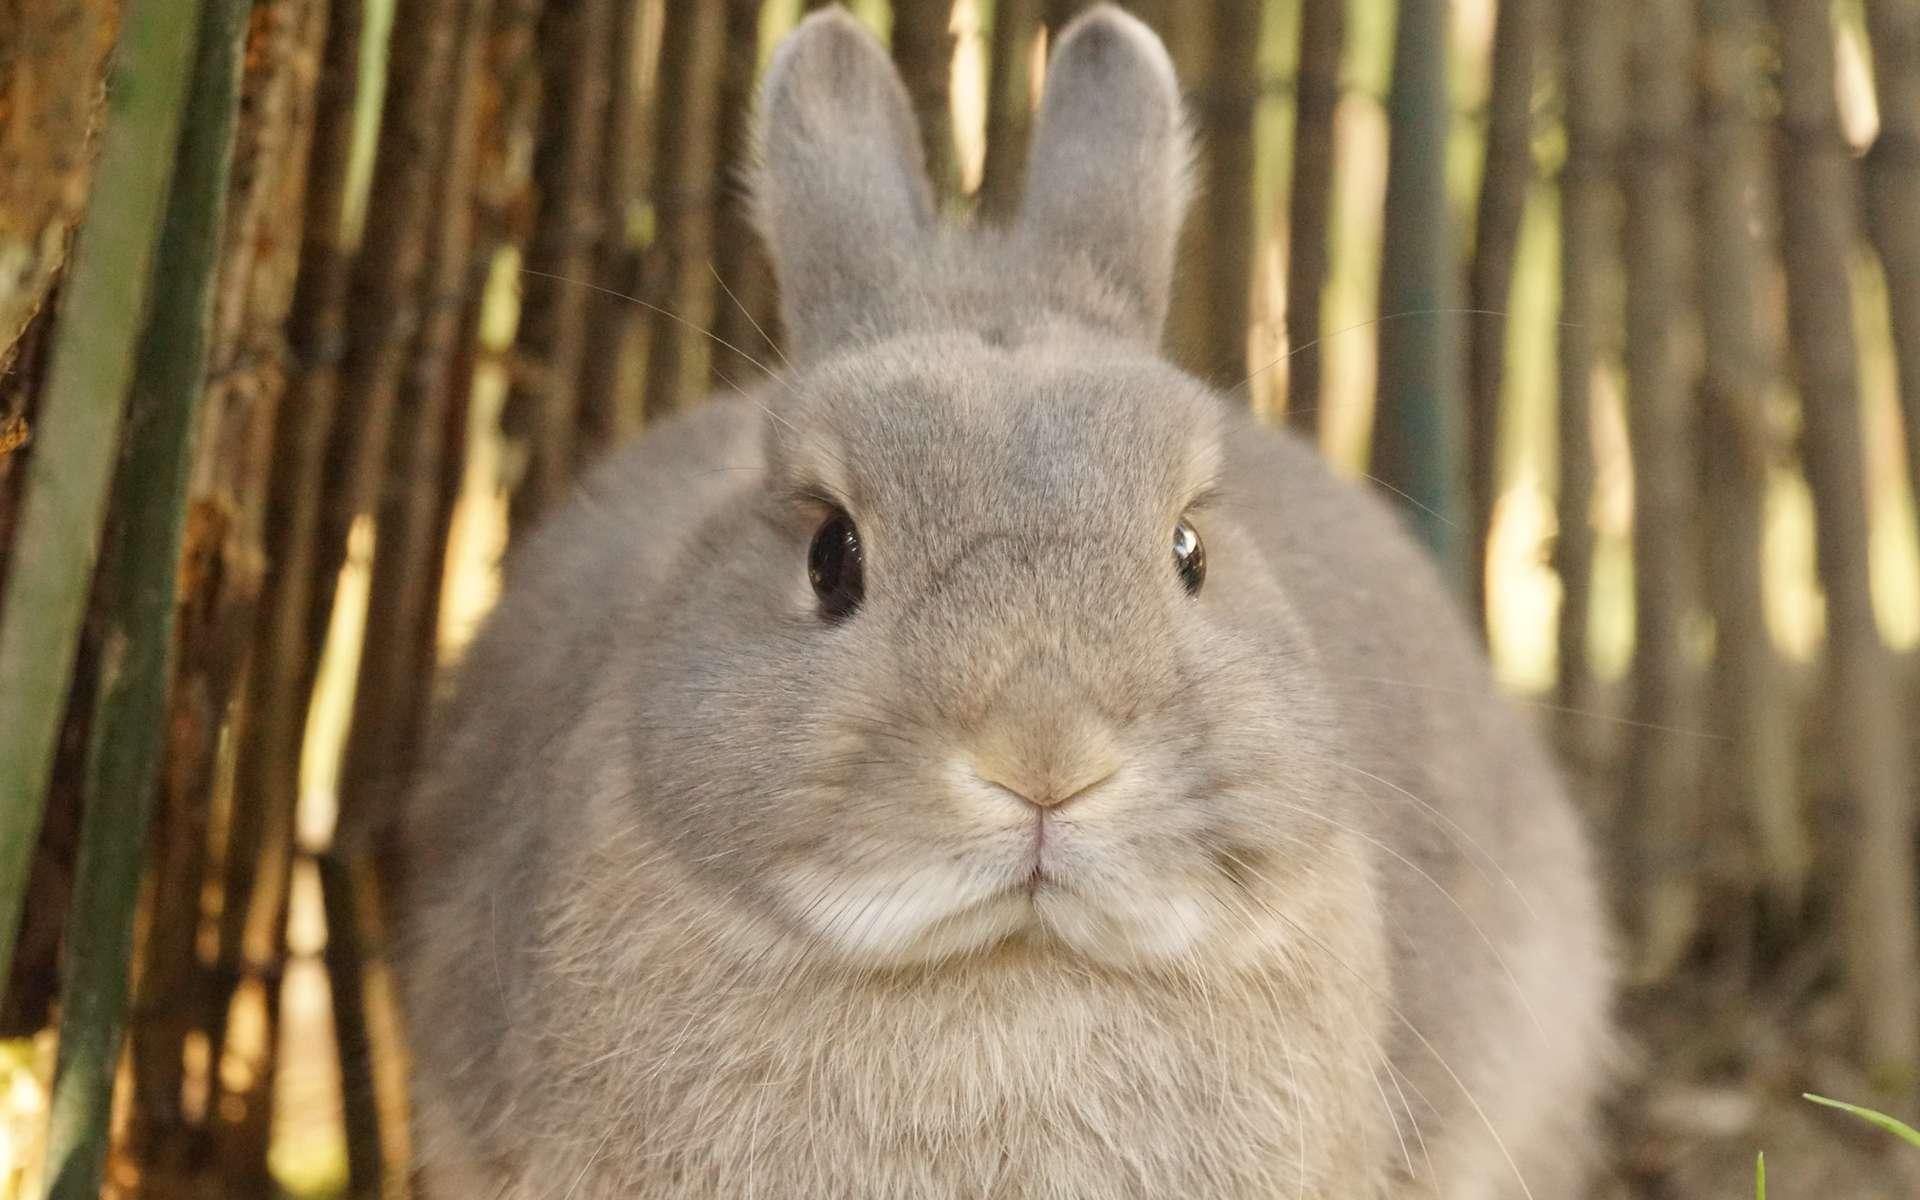 pourquoi les lapins ne sont-ils pas aussi gros que les chevaux ?